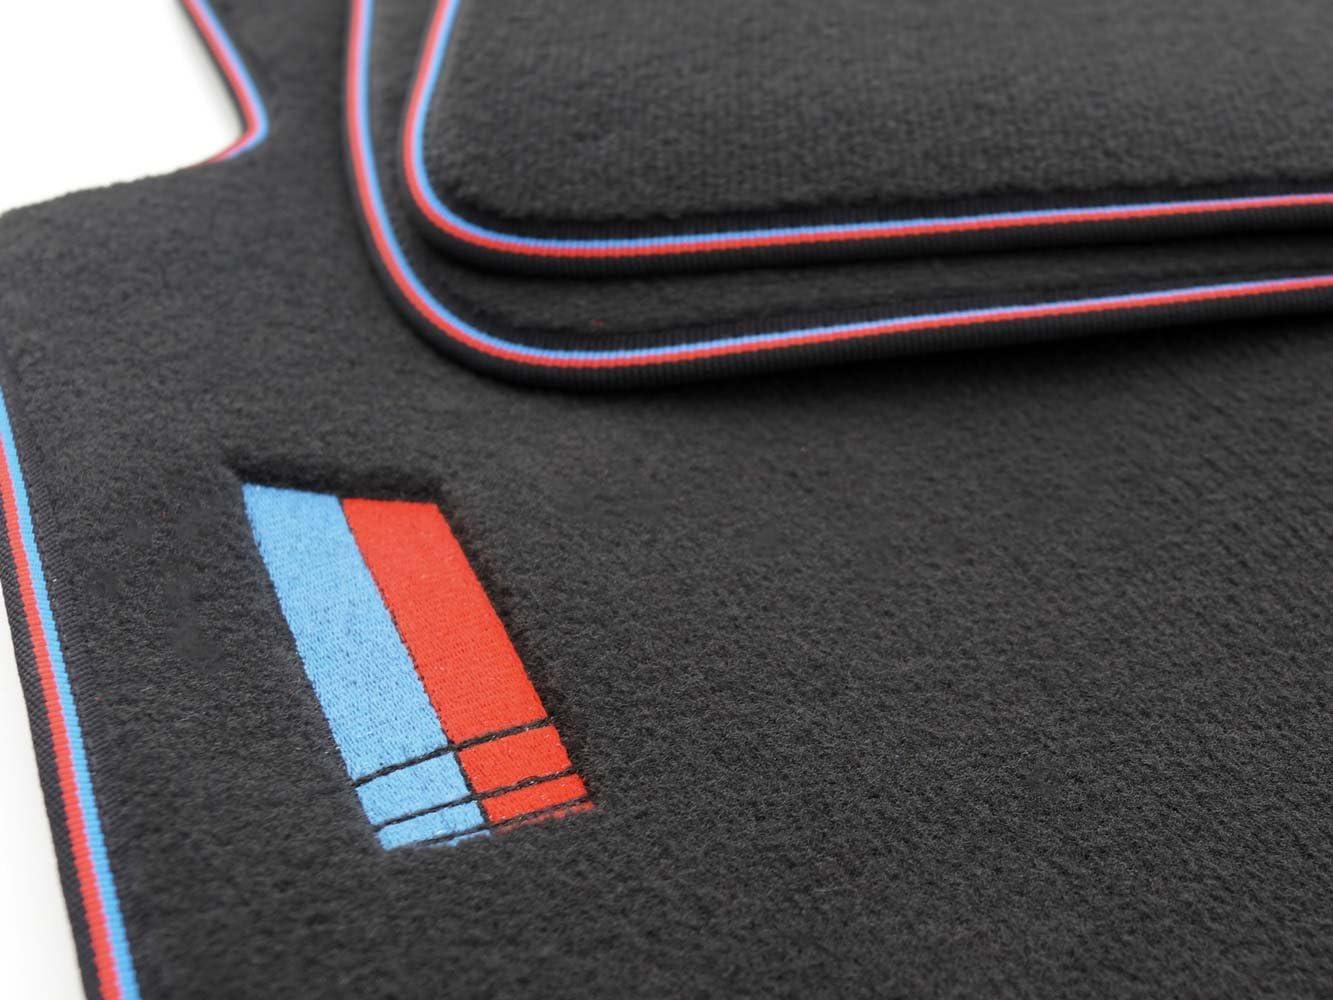 Kh Teile Fußmatten Velours Automatten Premium M Edition 4 Teilig Tuning Bestickt 4 Teilig Auto